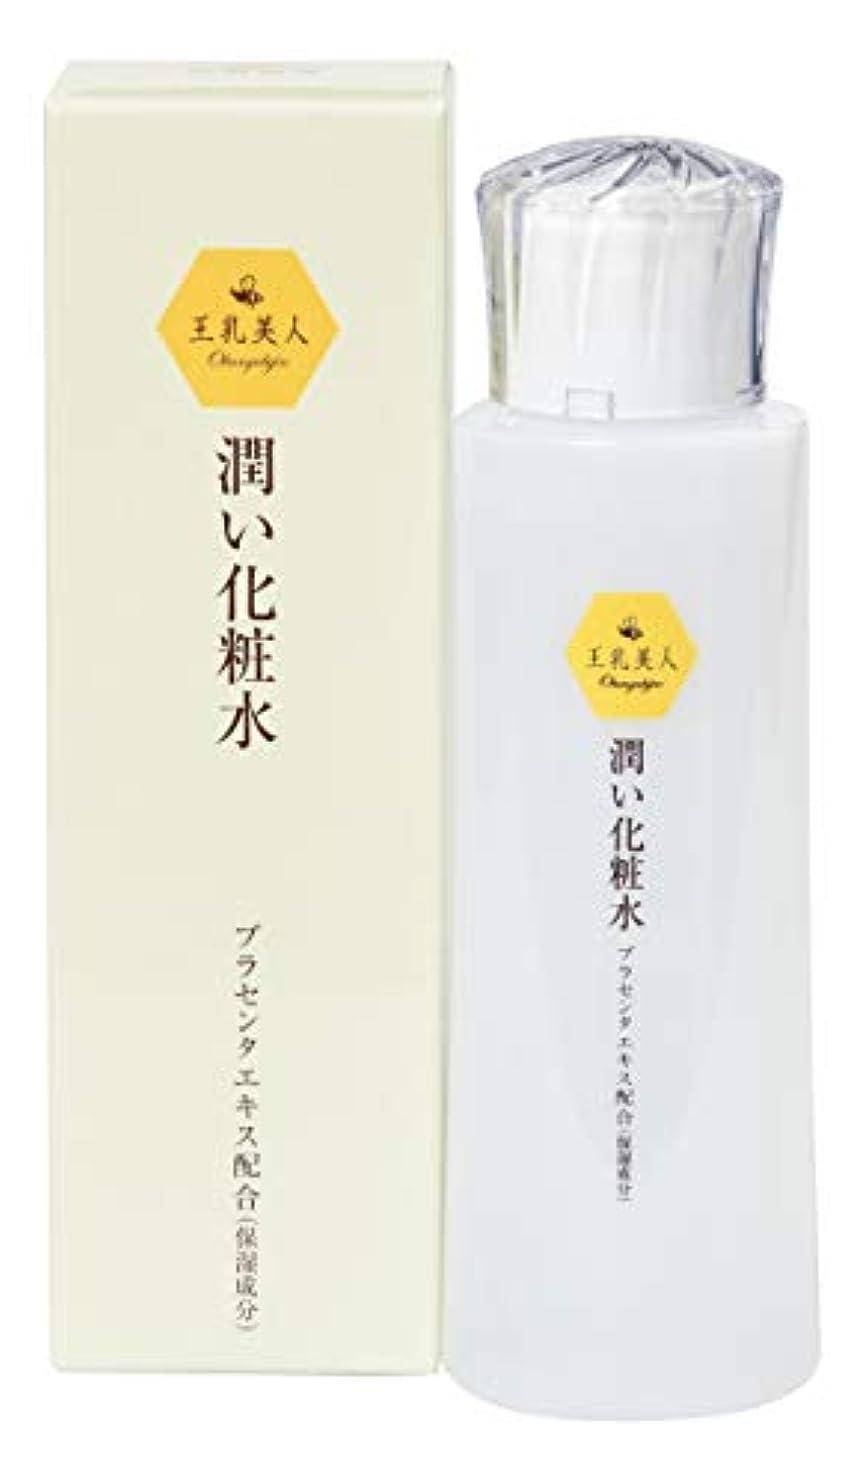 トラフクレーター潤滑する王乳美人 潤い化粧水 120ml 熊本産の馬油を使用